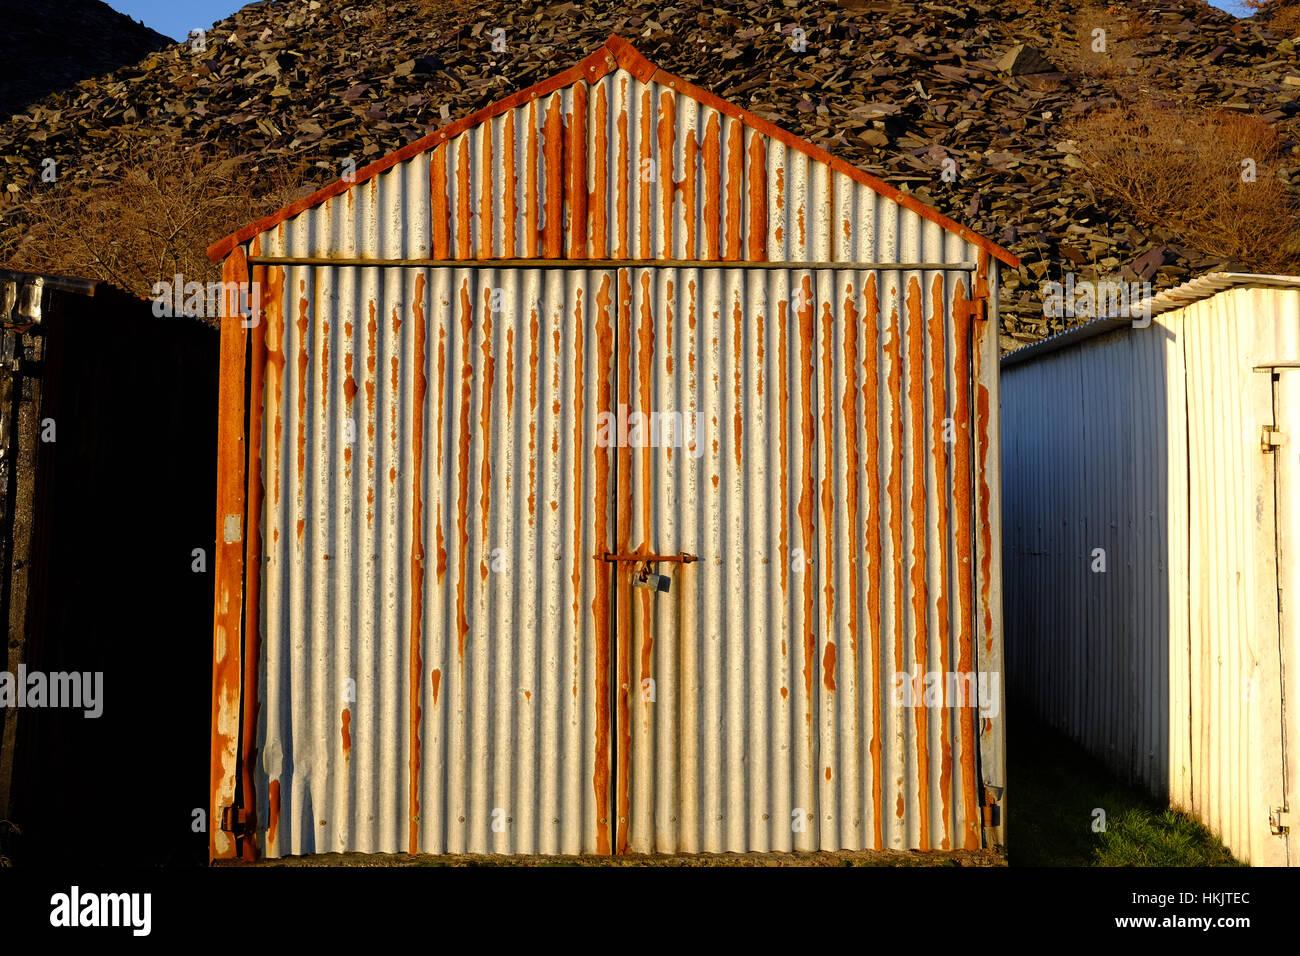 corrugated-iron shed - Stock Image